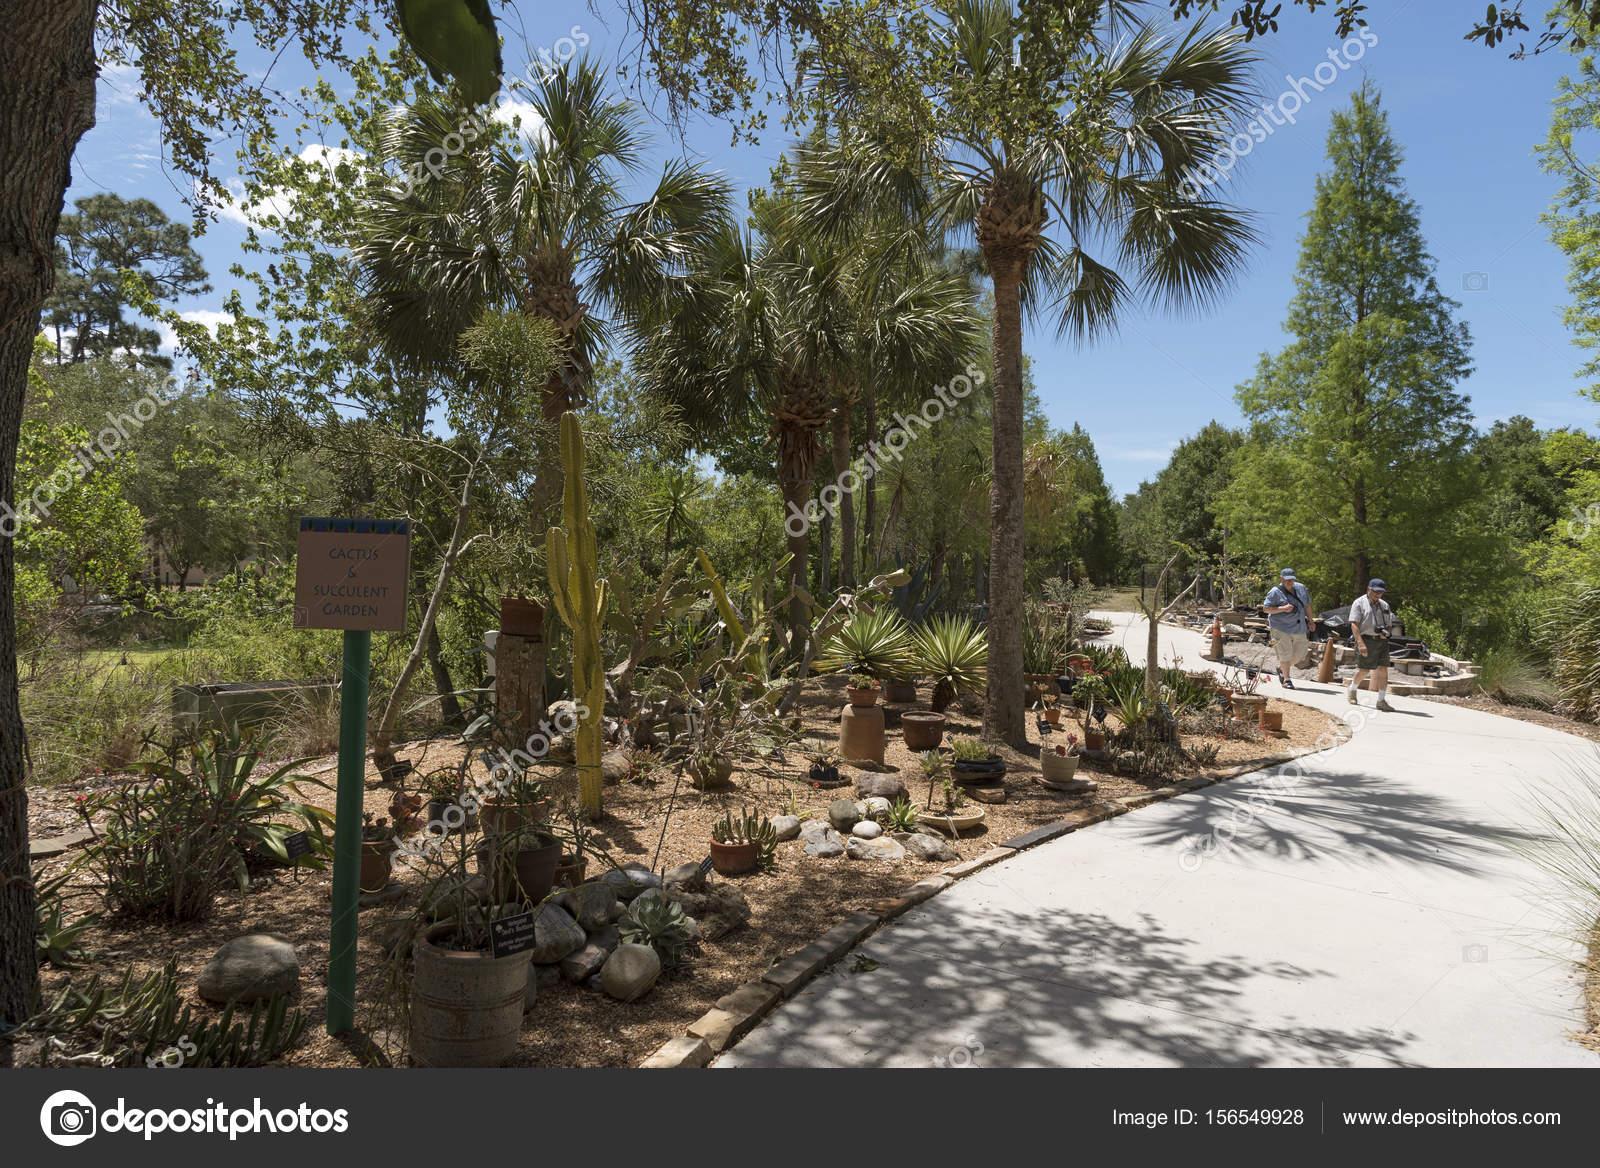 Cactus Garden t the Florida Botanic Garden in Largo FL USA